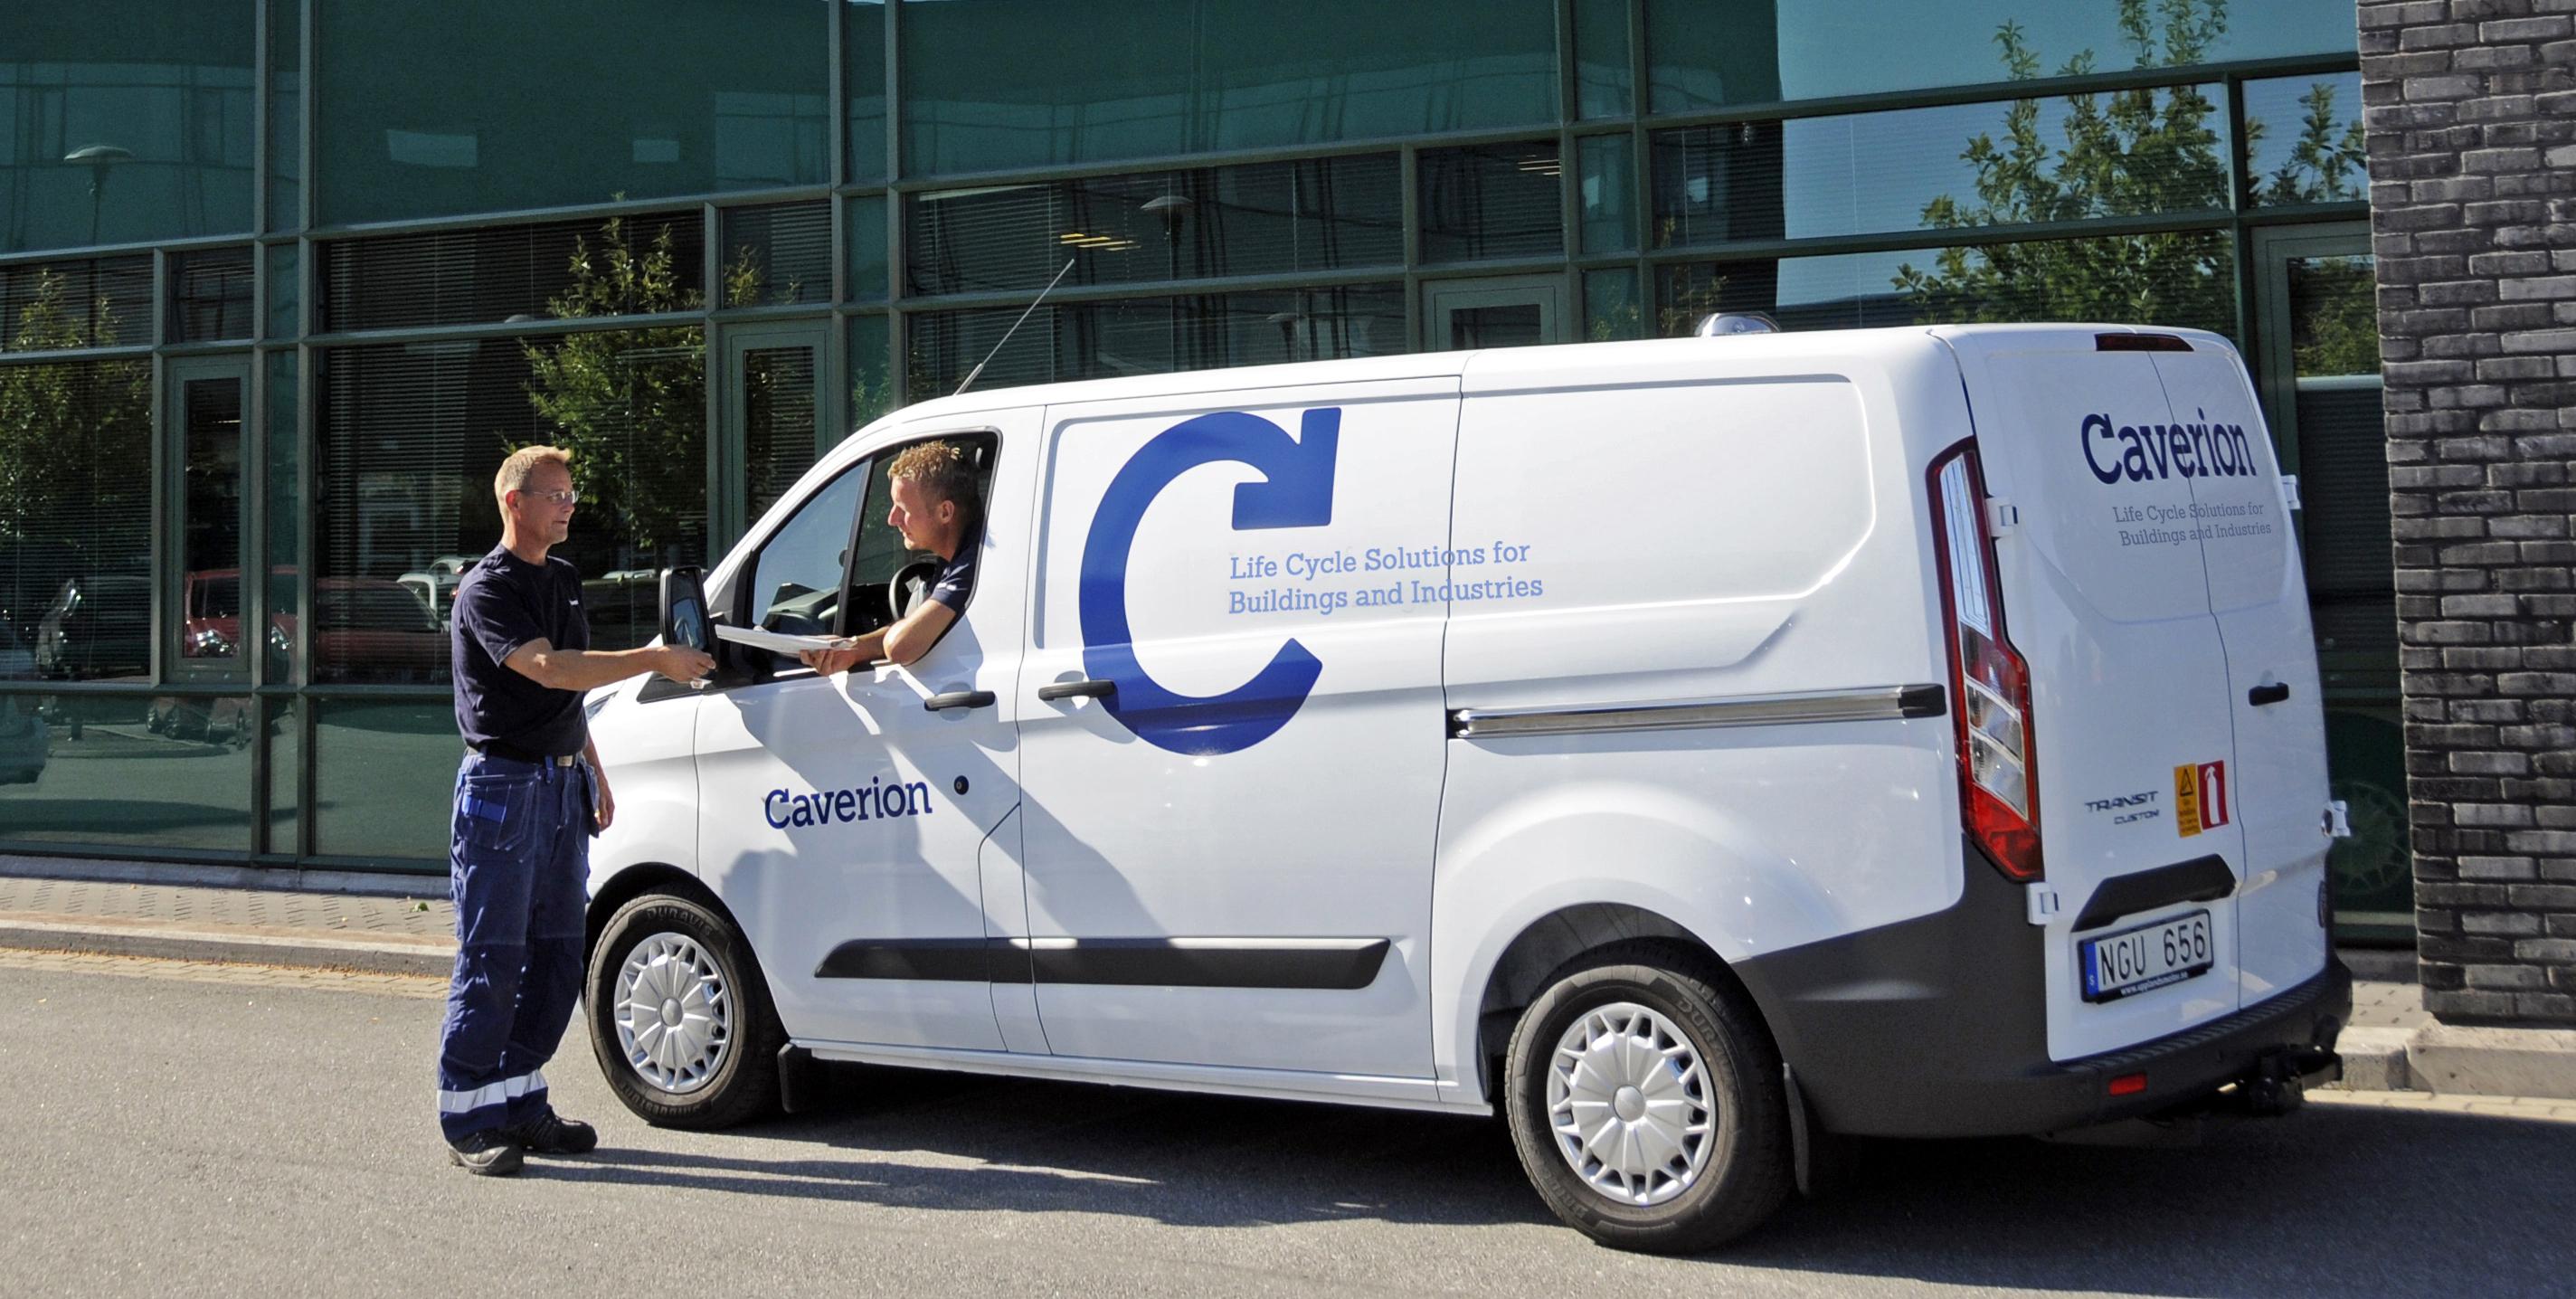 Caverion-car